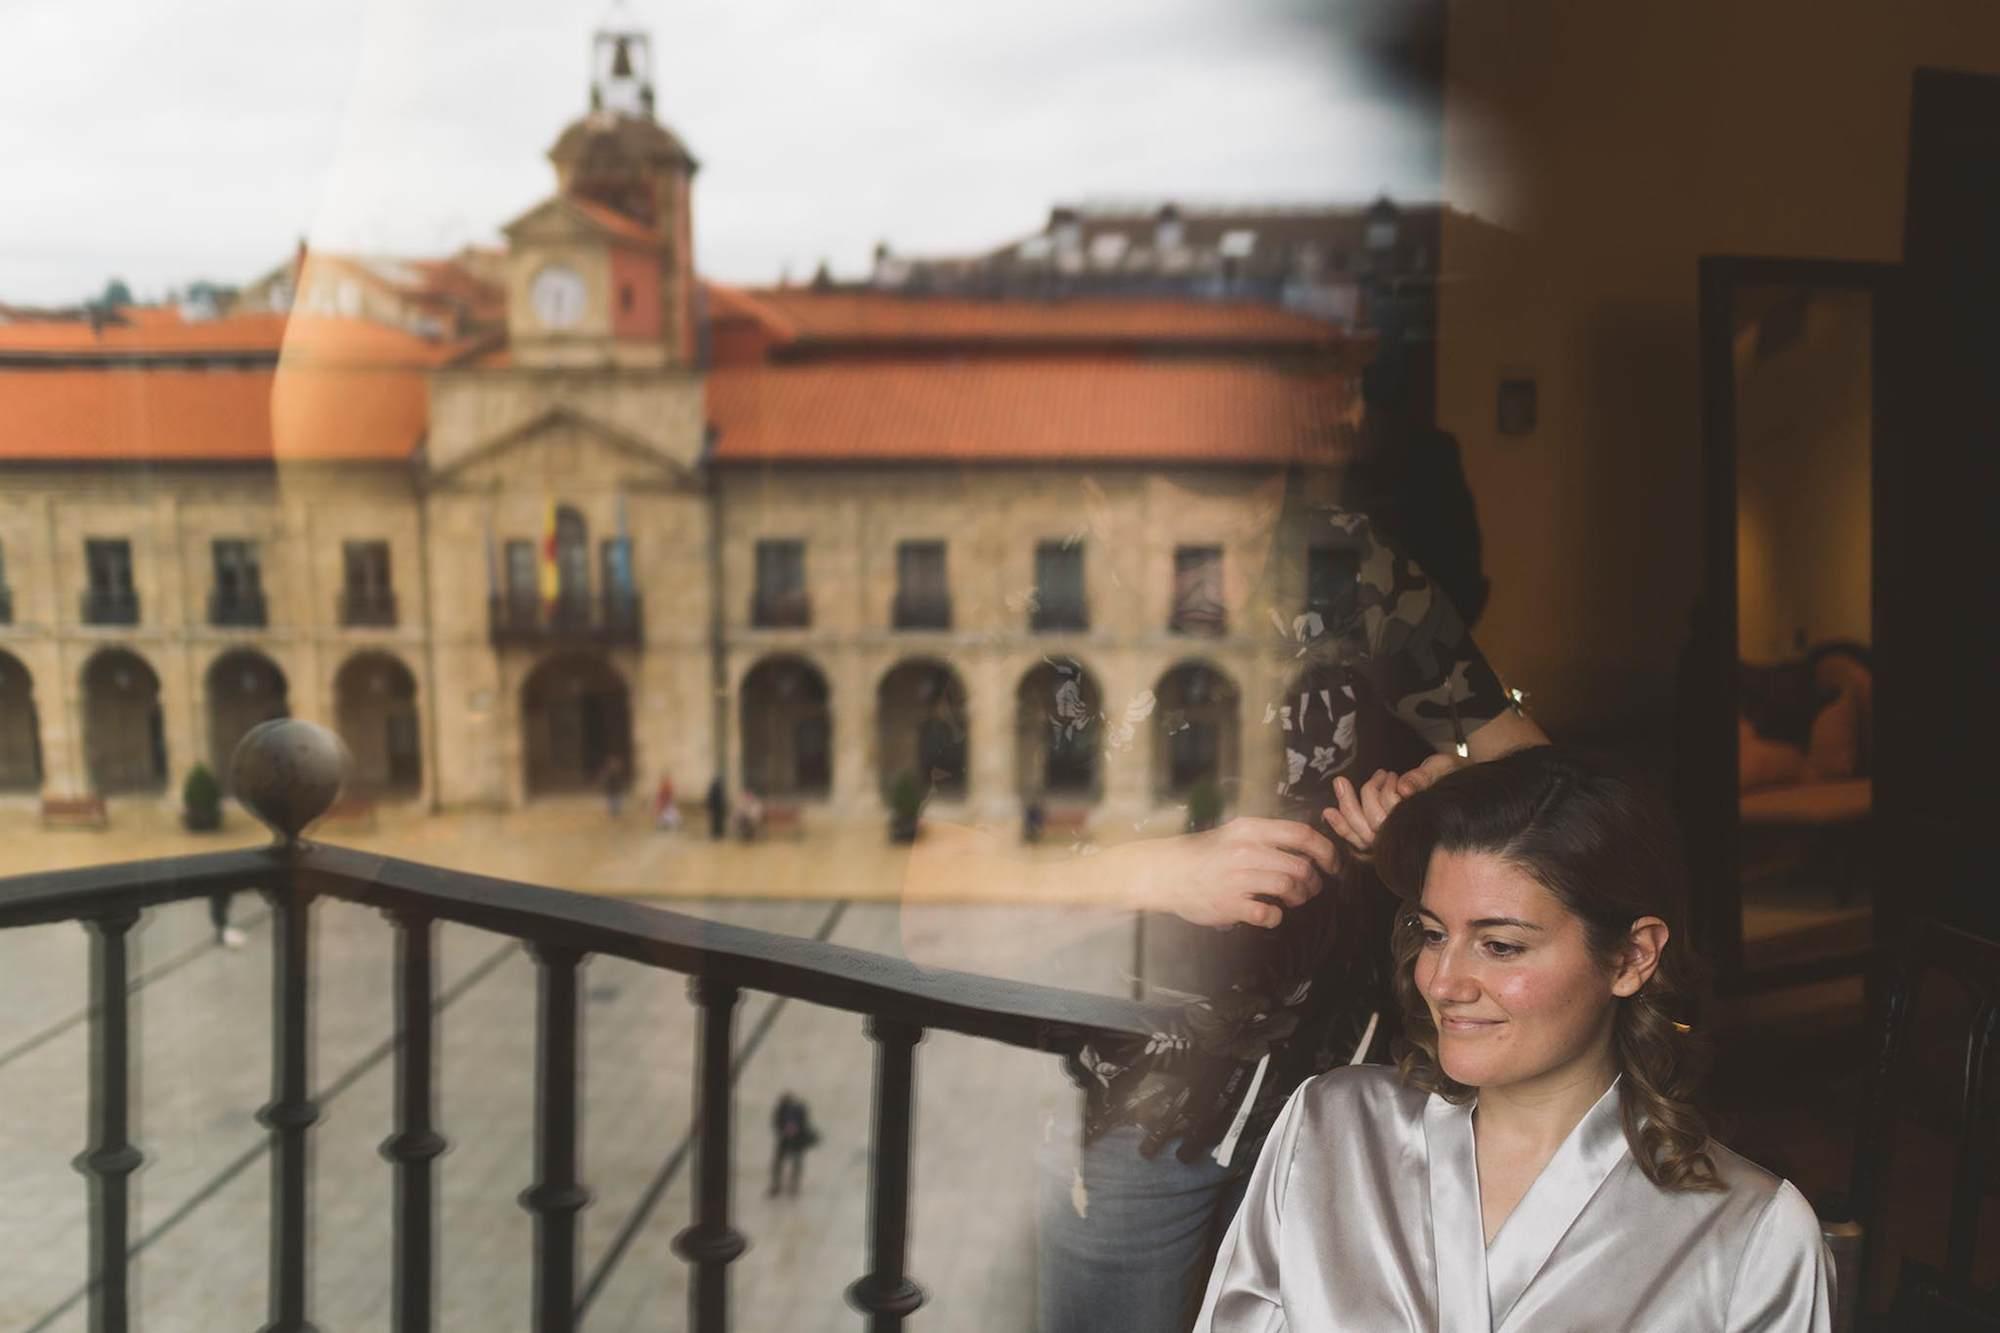 La novia siendo peinada mientras el ayuntamiento de Avilés se refleja en la ventana de su habitación.